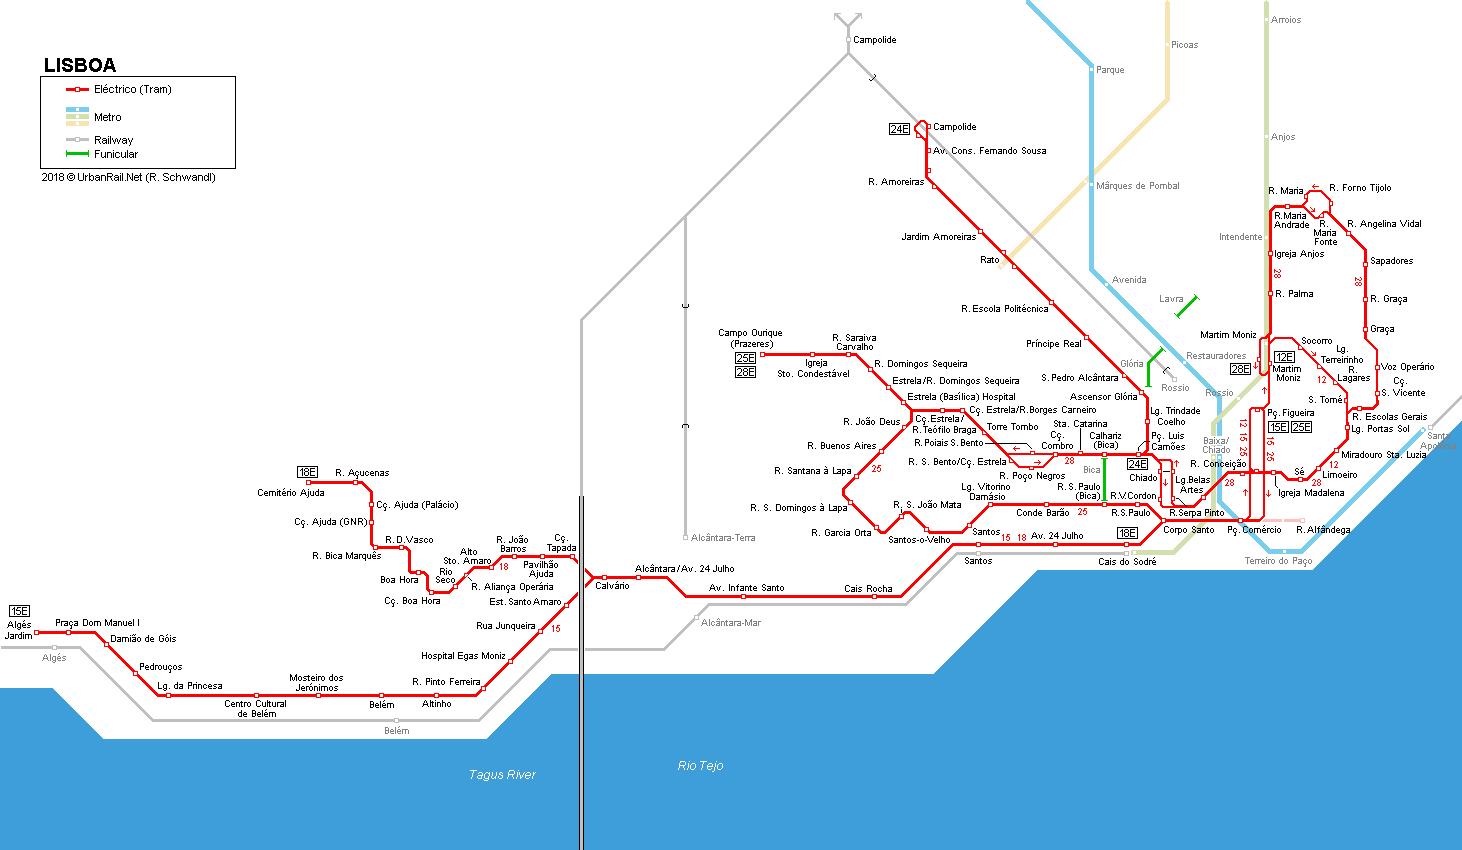 Tramwaje w Lizbonie schemat rozkład jazy bilety trasy zwiedzanie Lizbony Opis Mapa